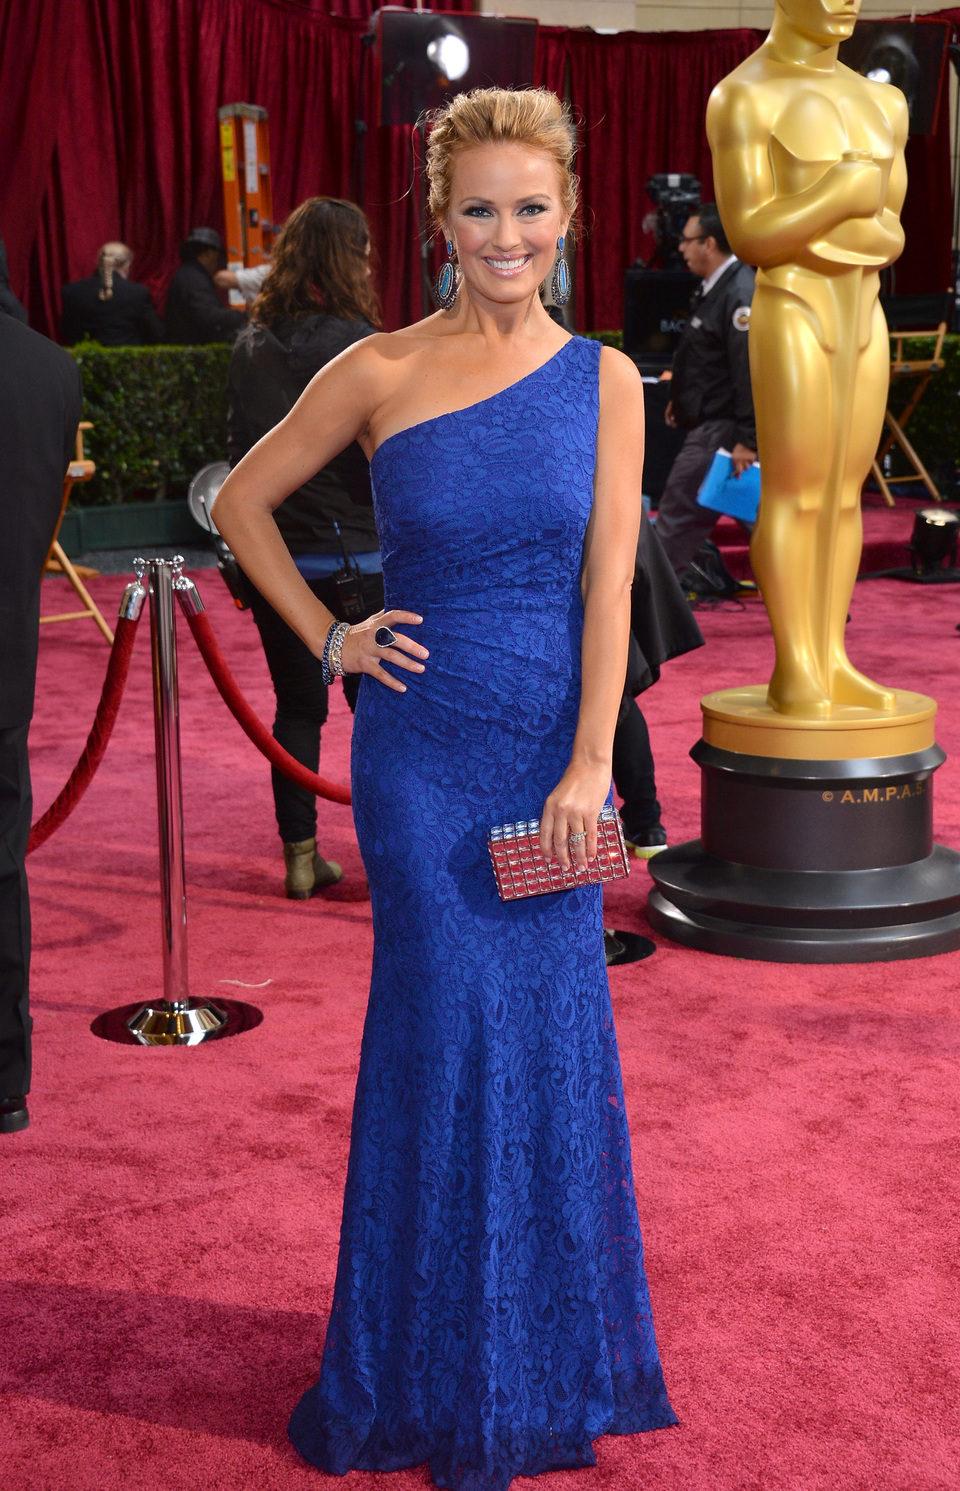 Brooke Anderson en la alfombra roja de los Oscar 2014